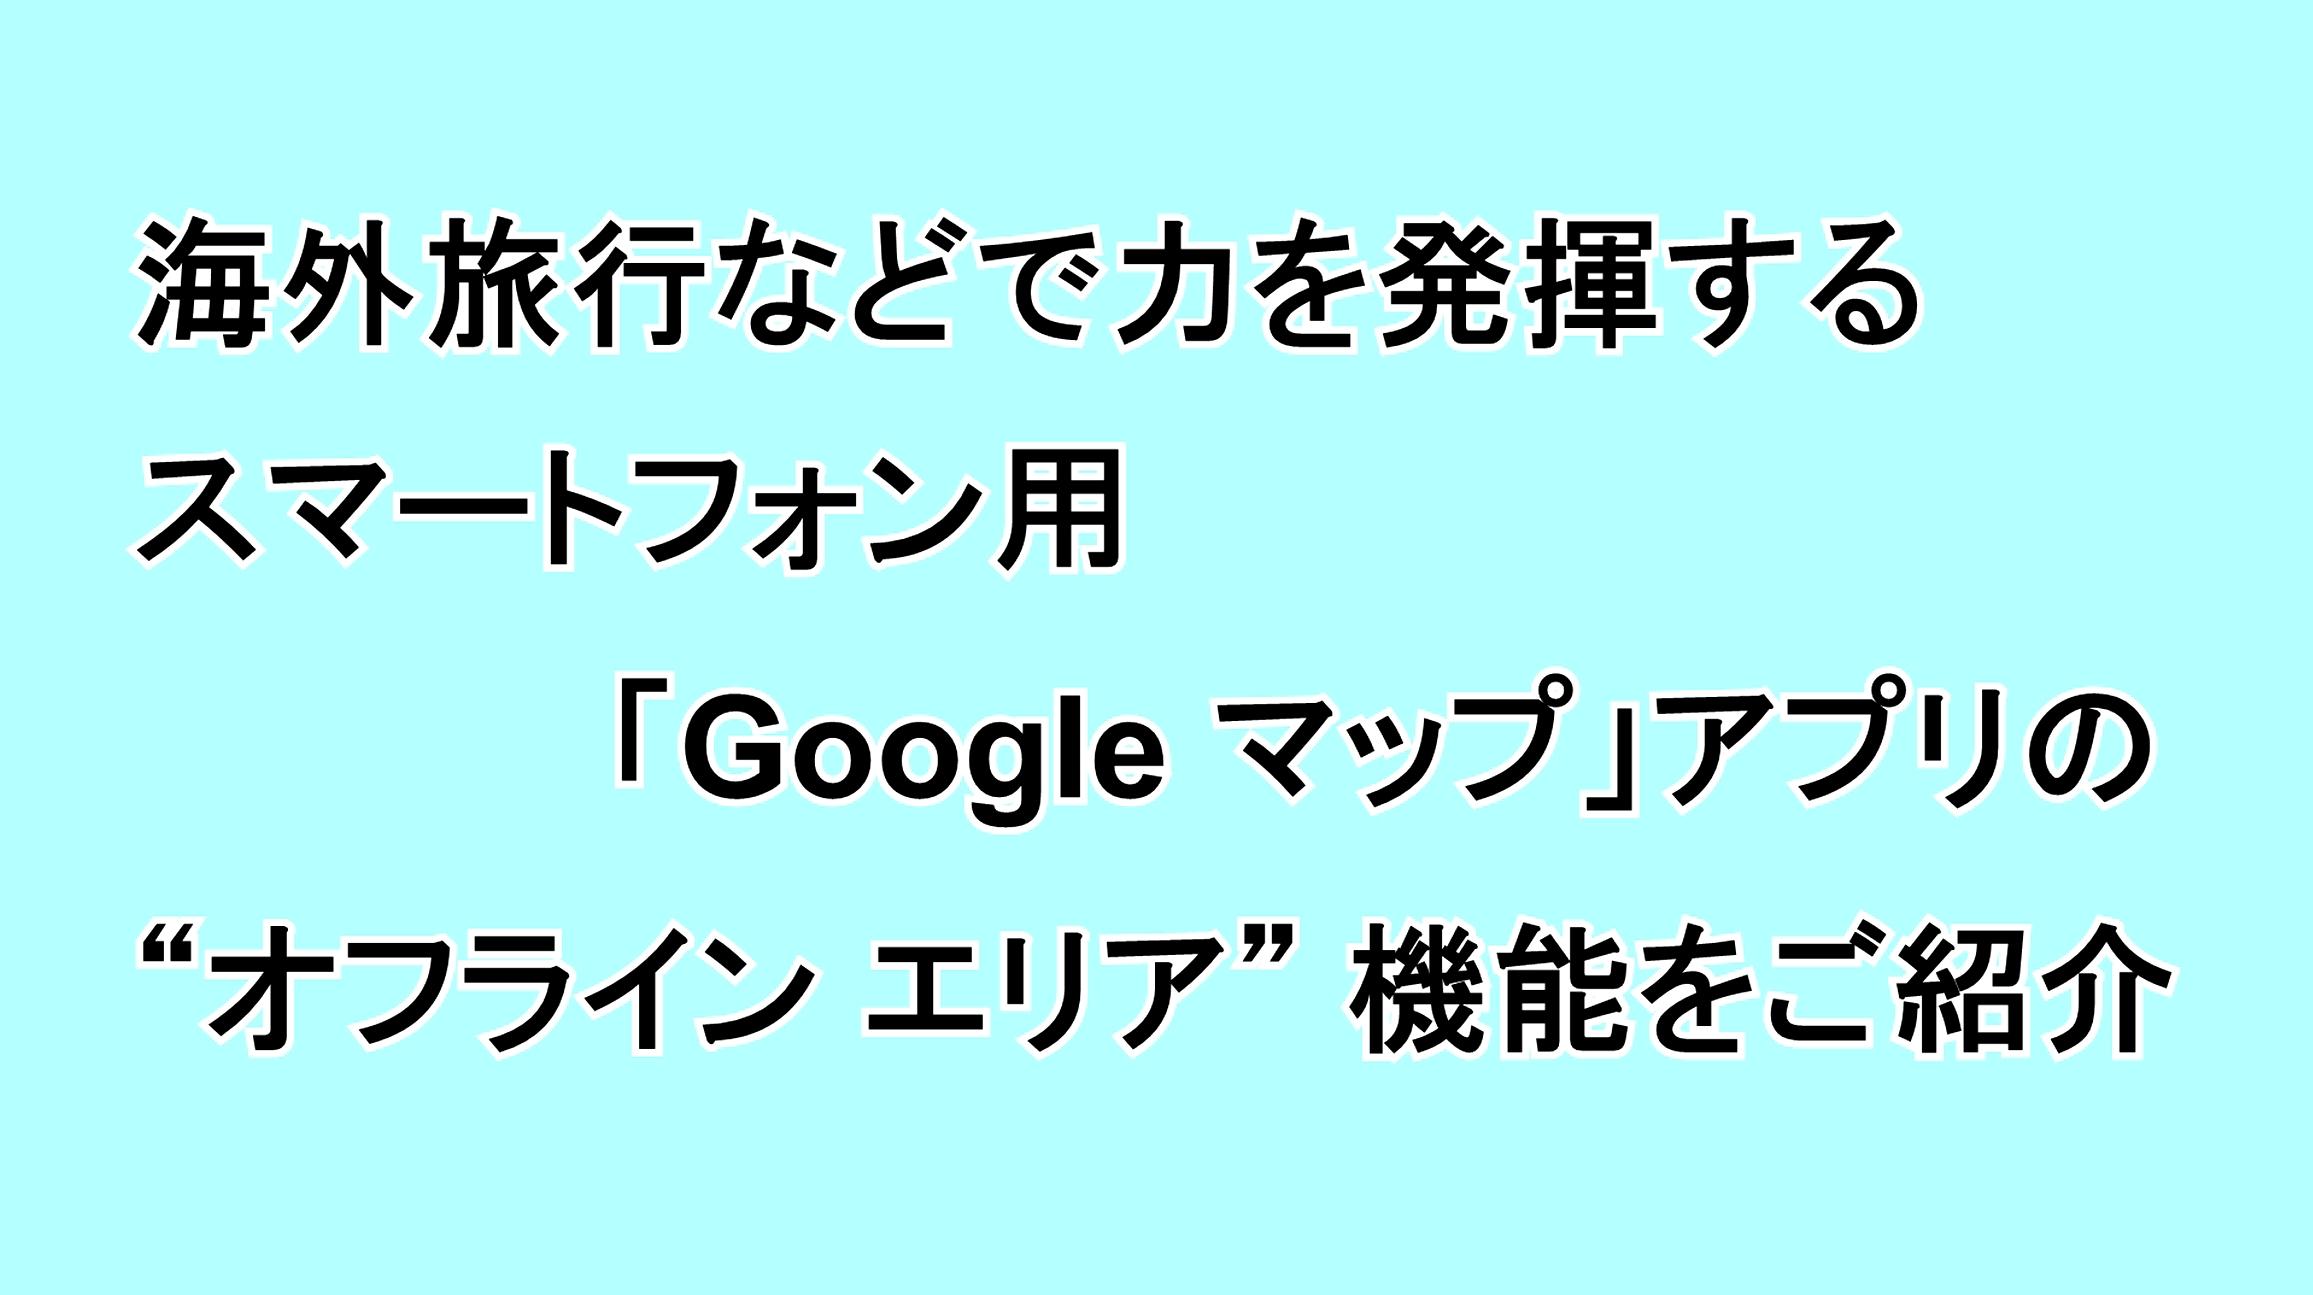 """海外旅行などで力を発揮するスマートフォン用「Google マップ」アプリの""""オフライン エリア""""機能をご紹介"""